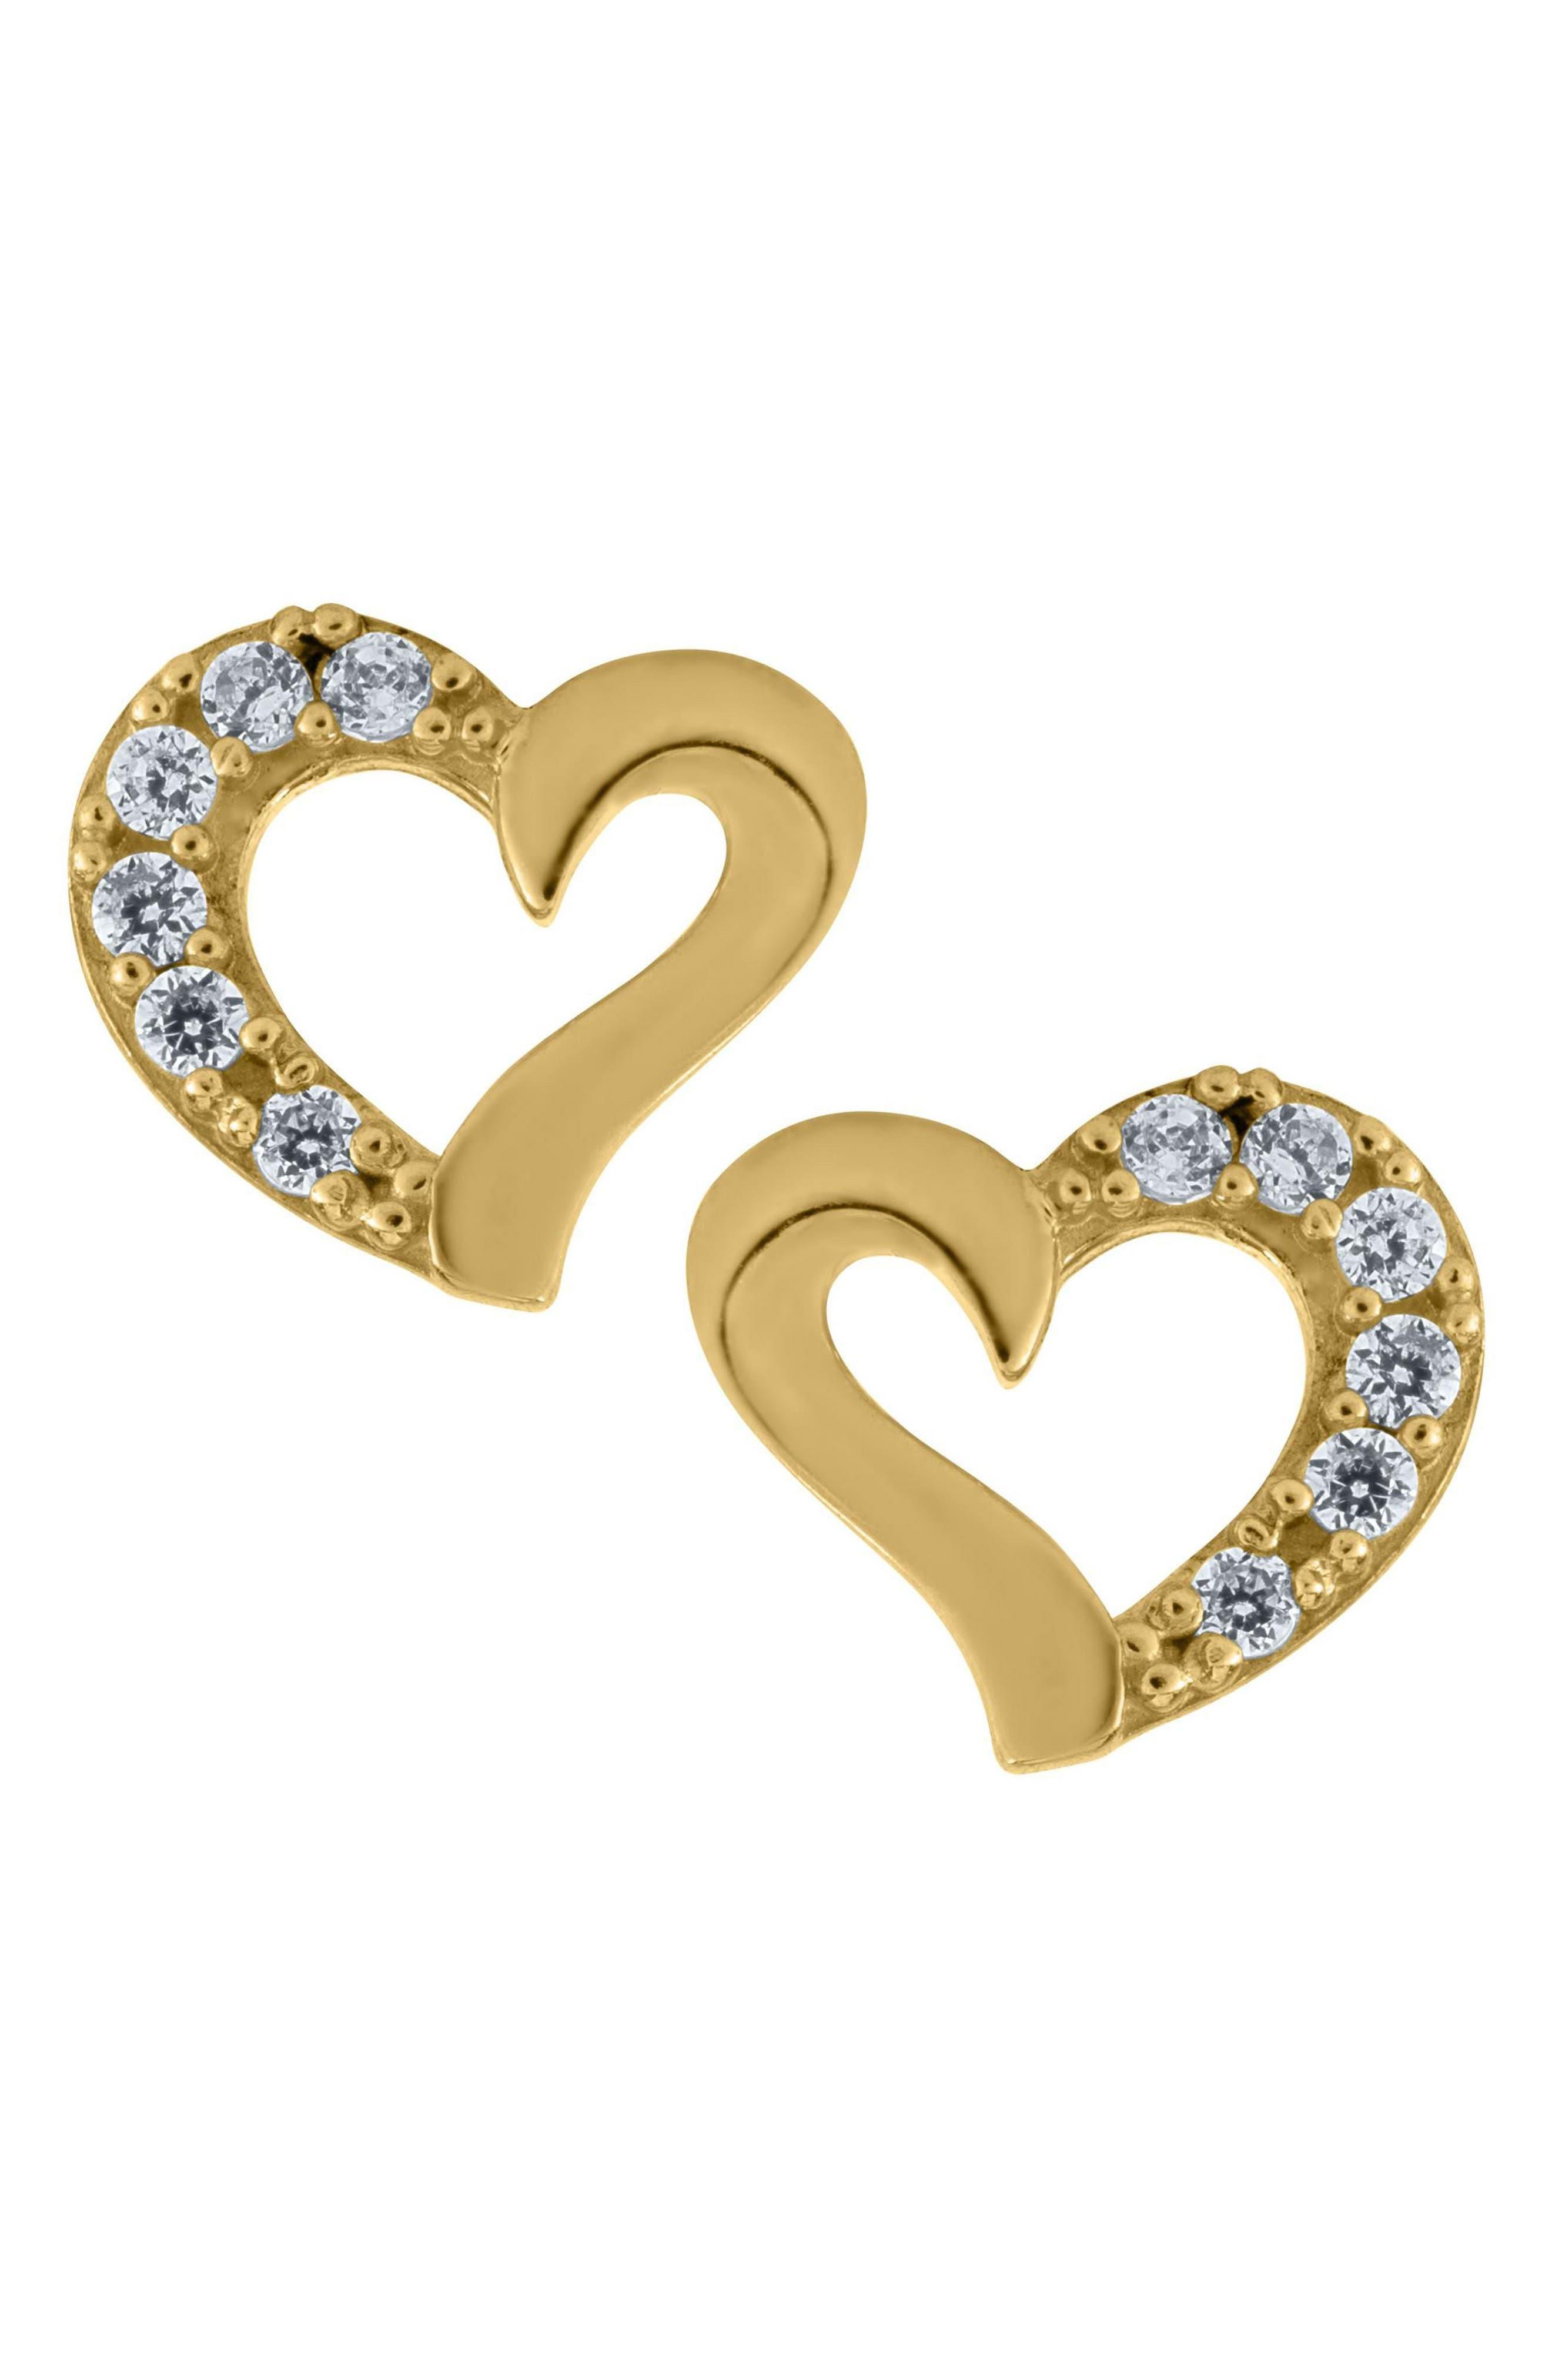 Girls Mignonette 14K Gold Heart Earrings